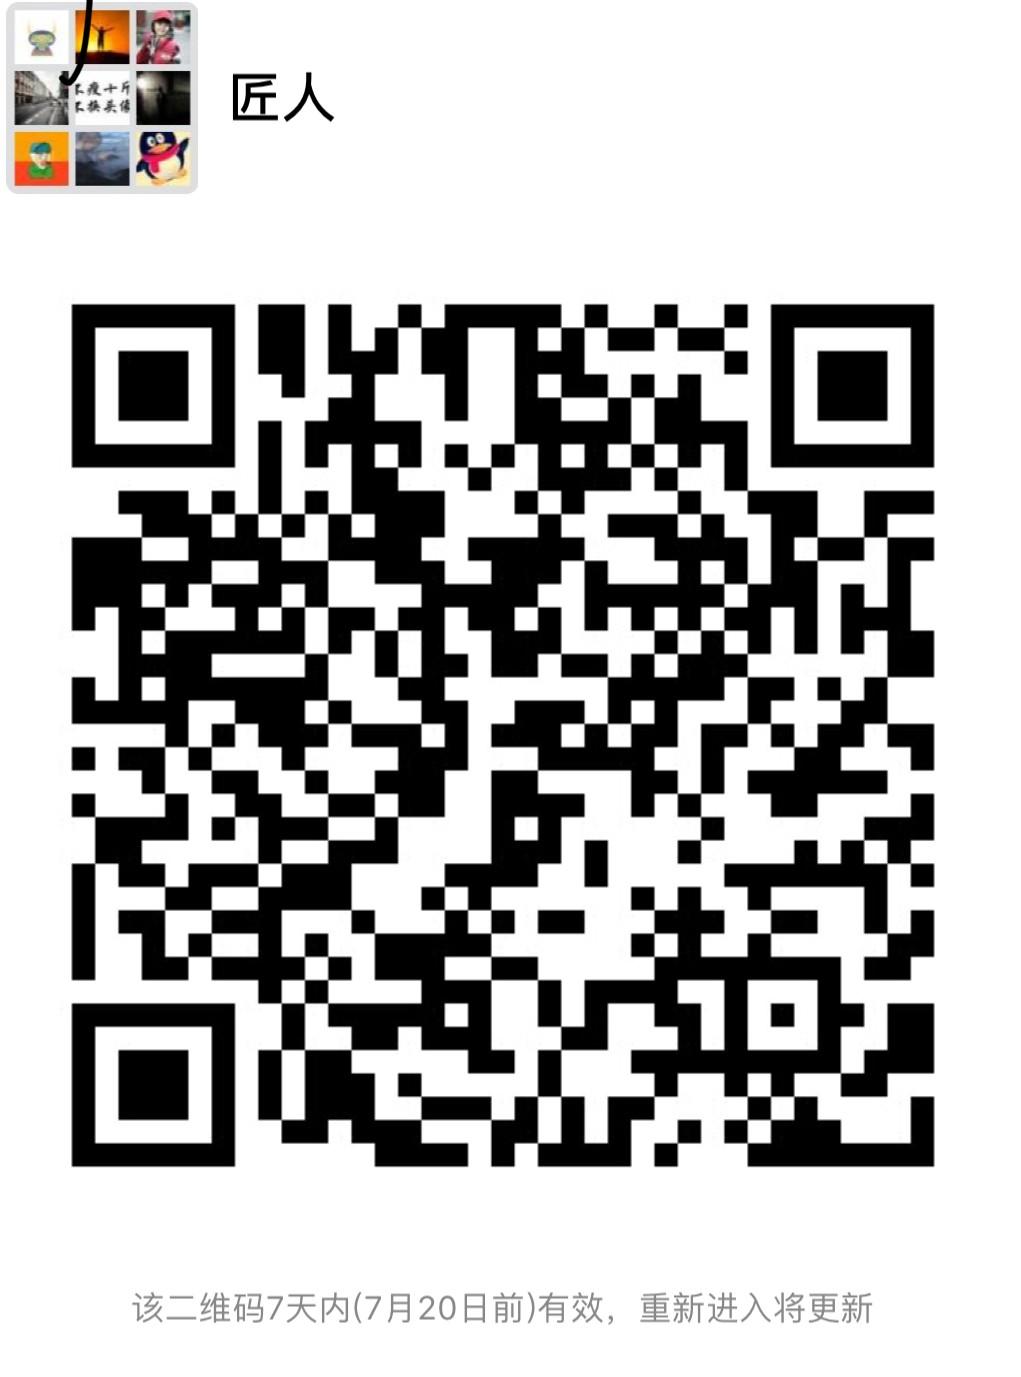 QQ图片20180713105521.jpg